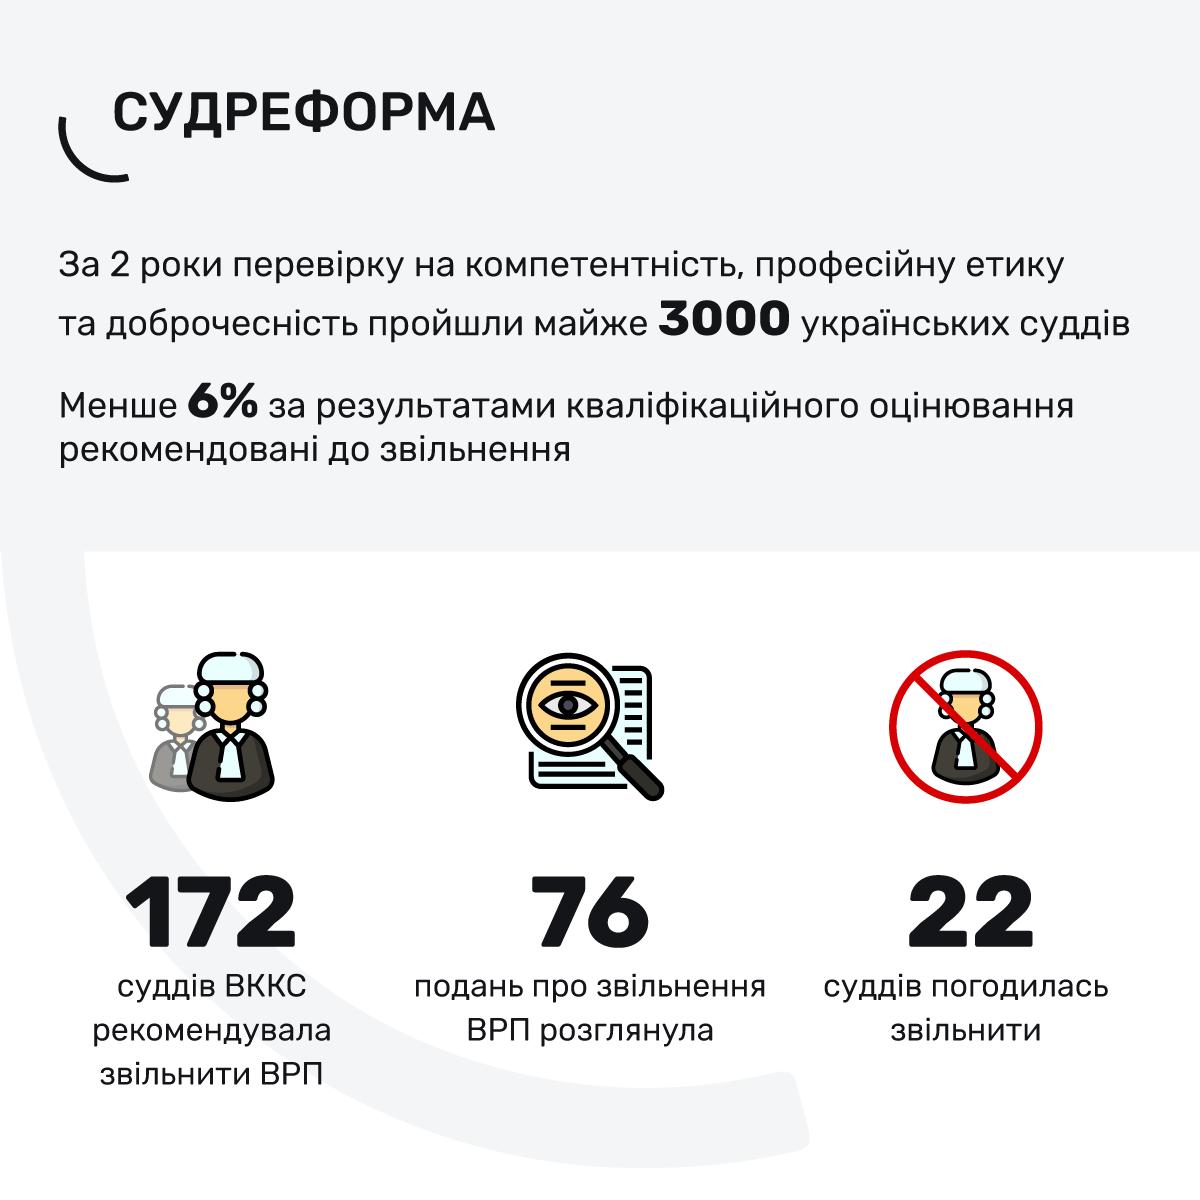 Дані з відповіді Вищої ради правосуддя на запит ГРД станом на 9 вересня 2019 року